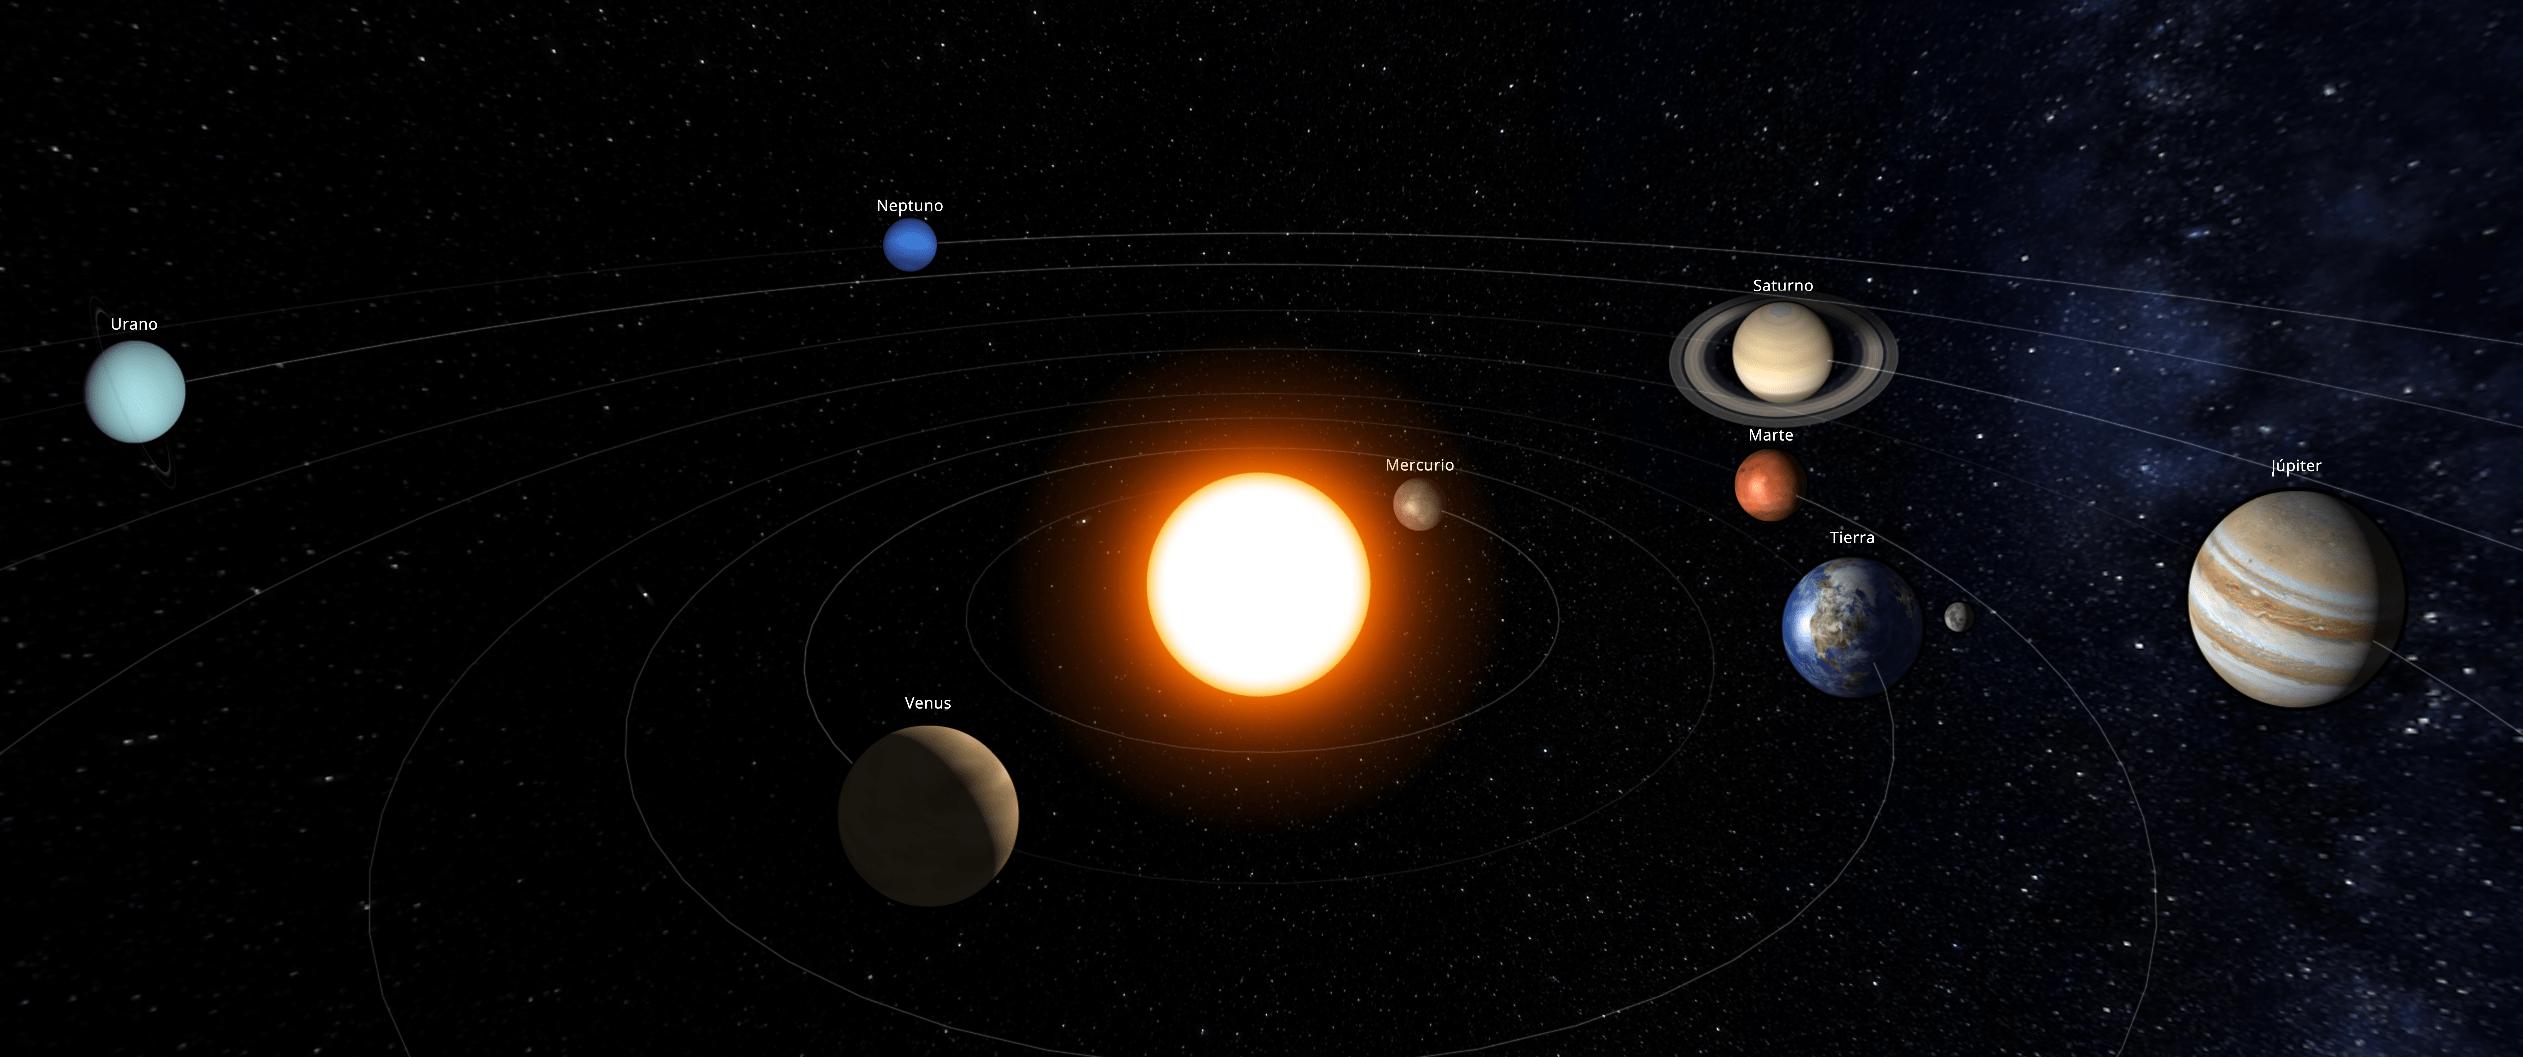 Posición de los planetas del Sistema Solar a comienzos de mayo de 2018